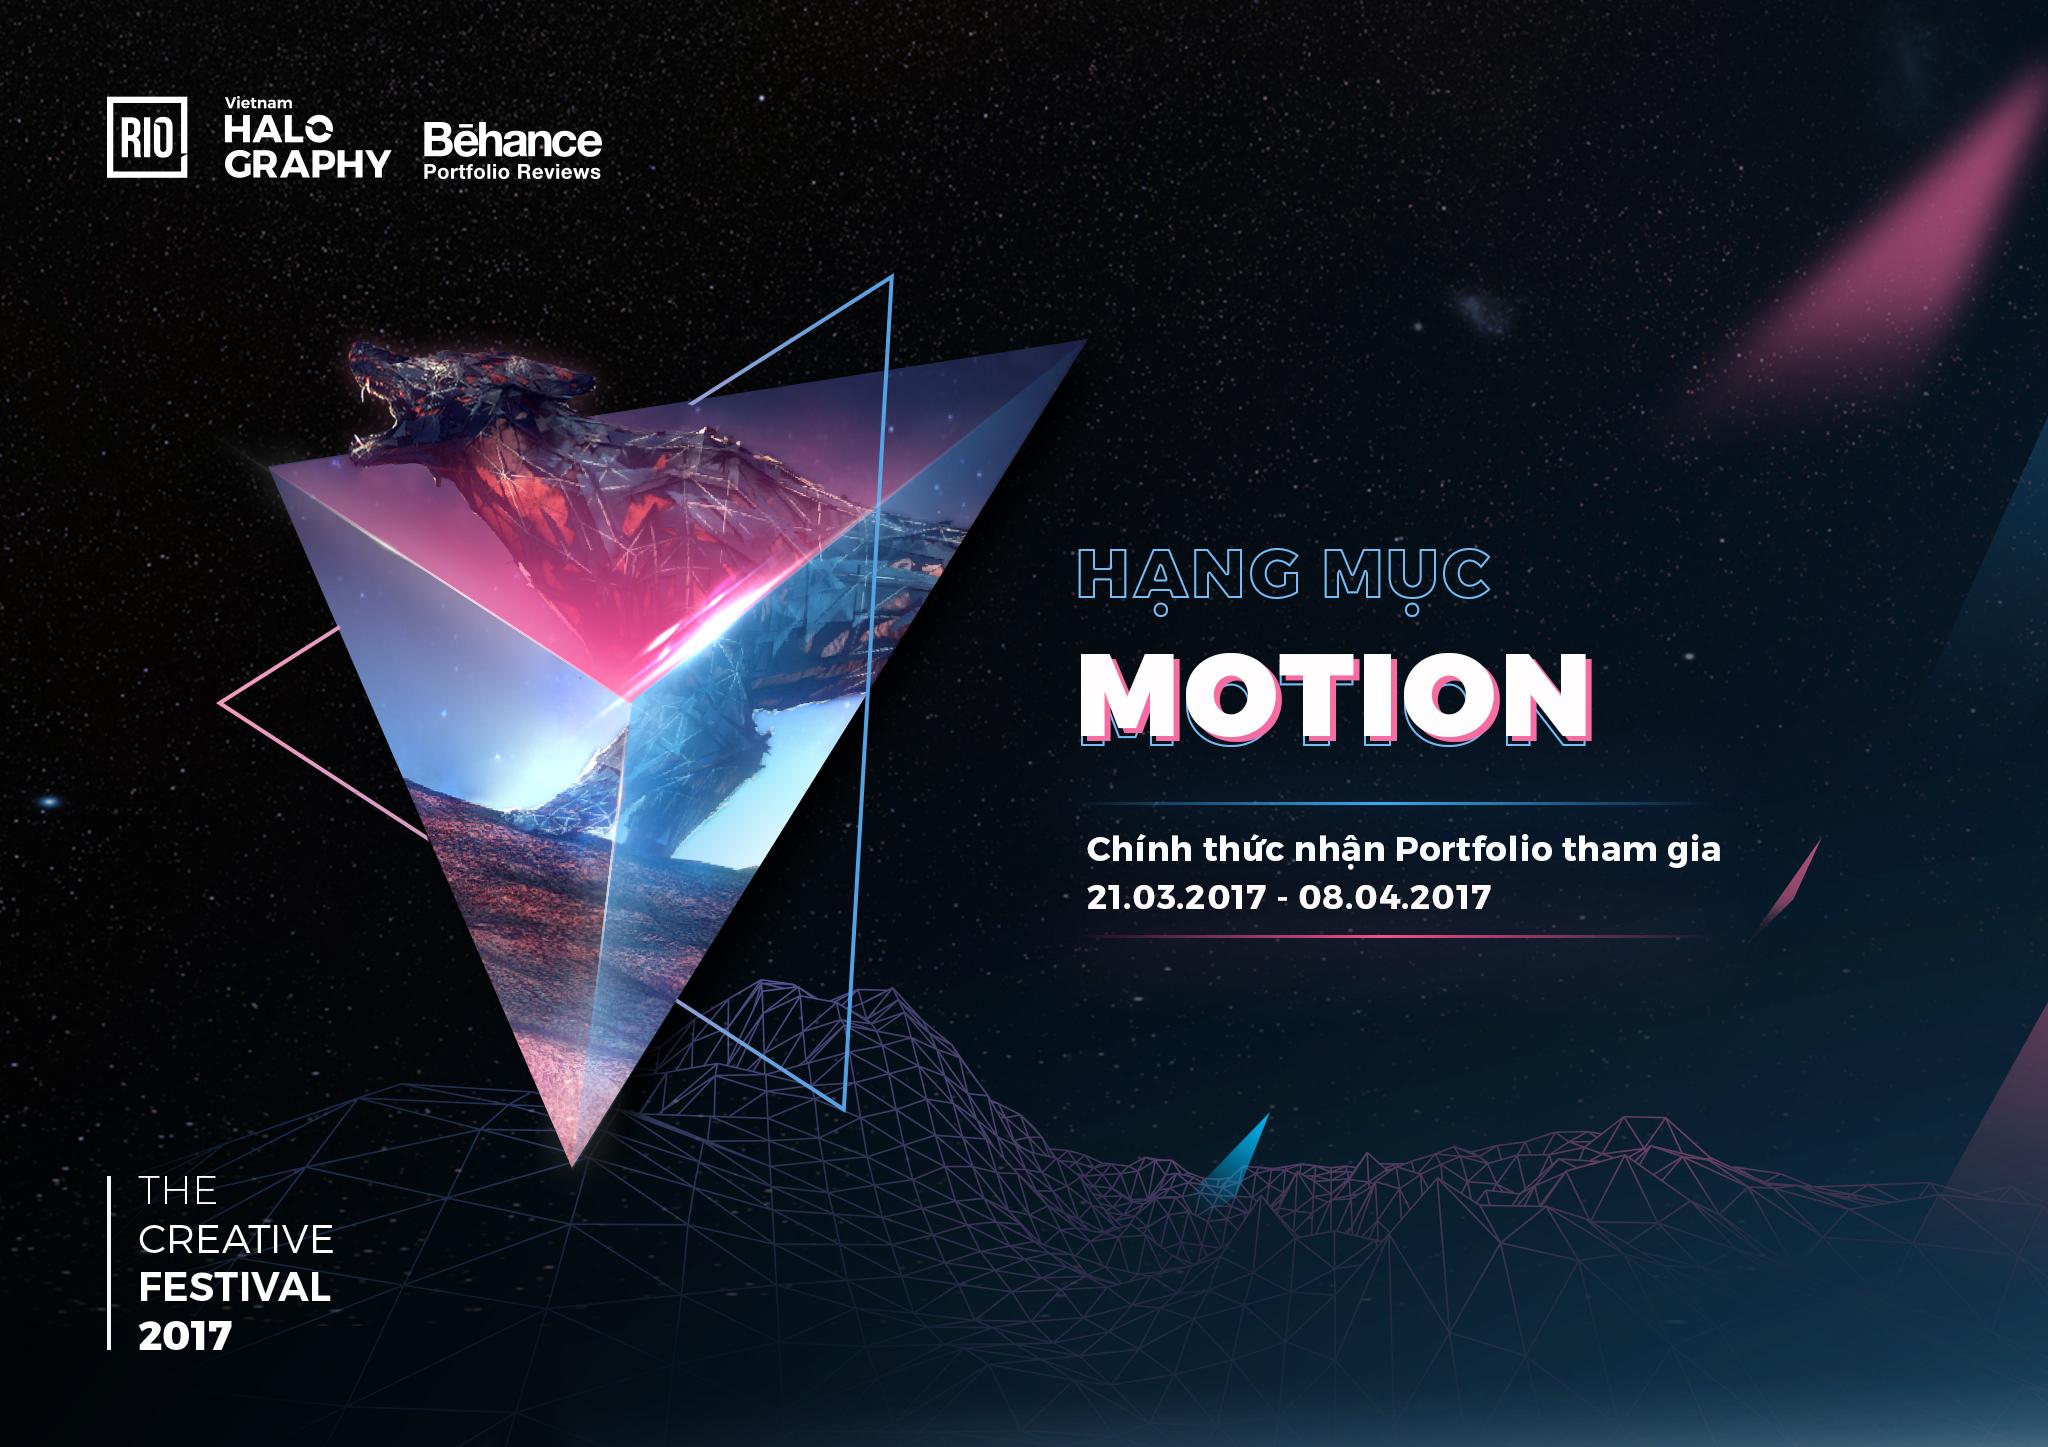 Halo_motion